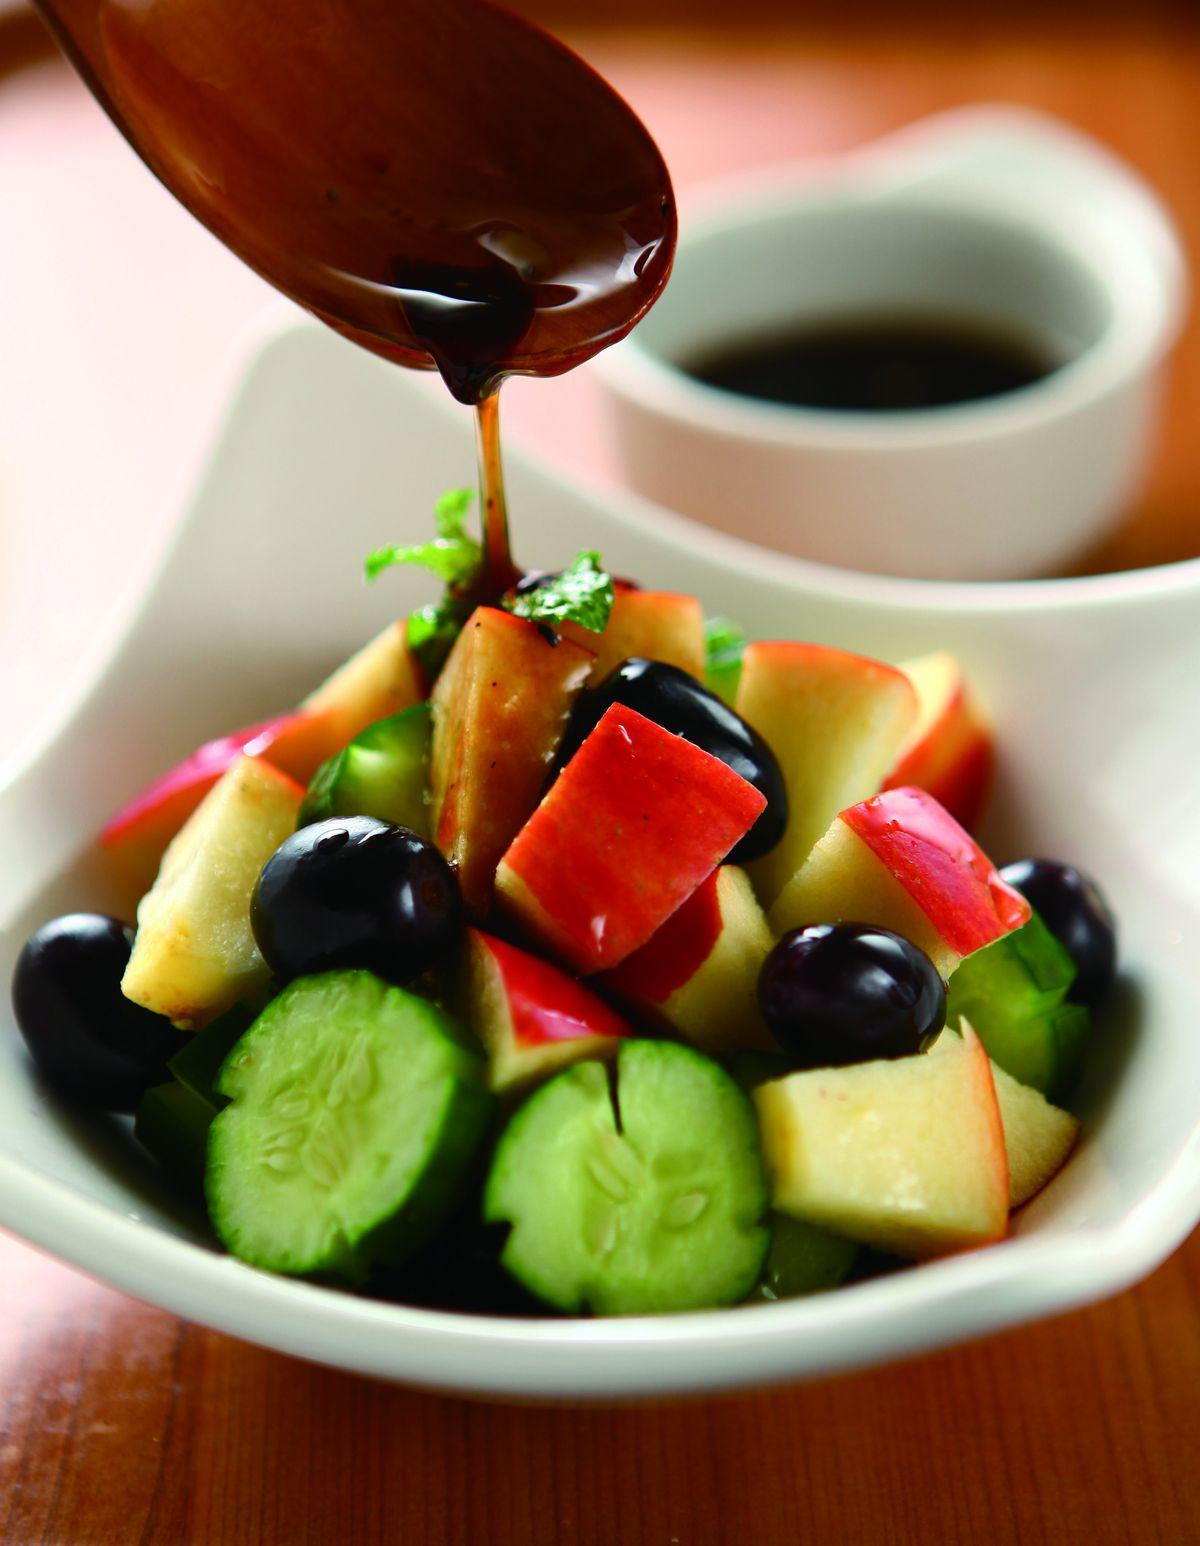 食譜:老酒醋蘋果蔬菜盤